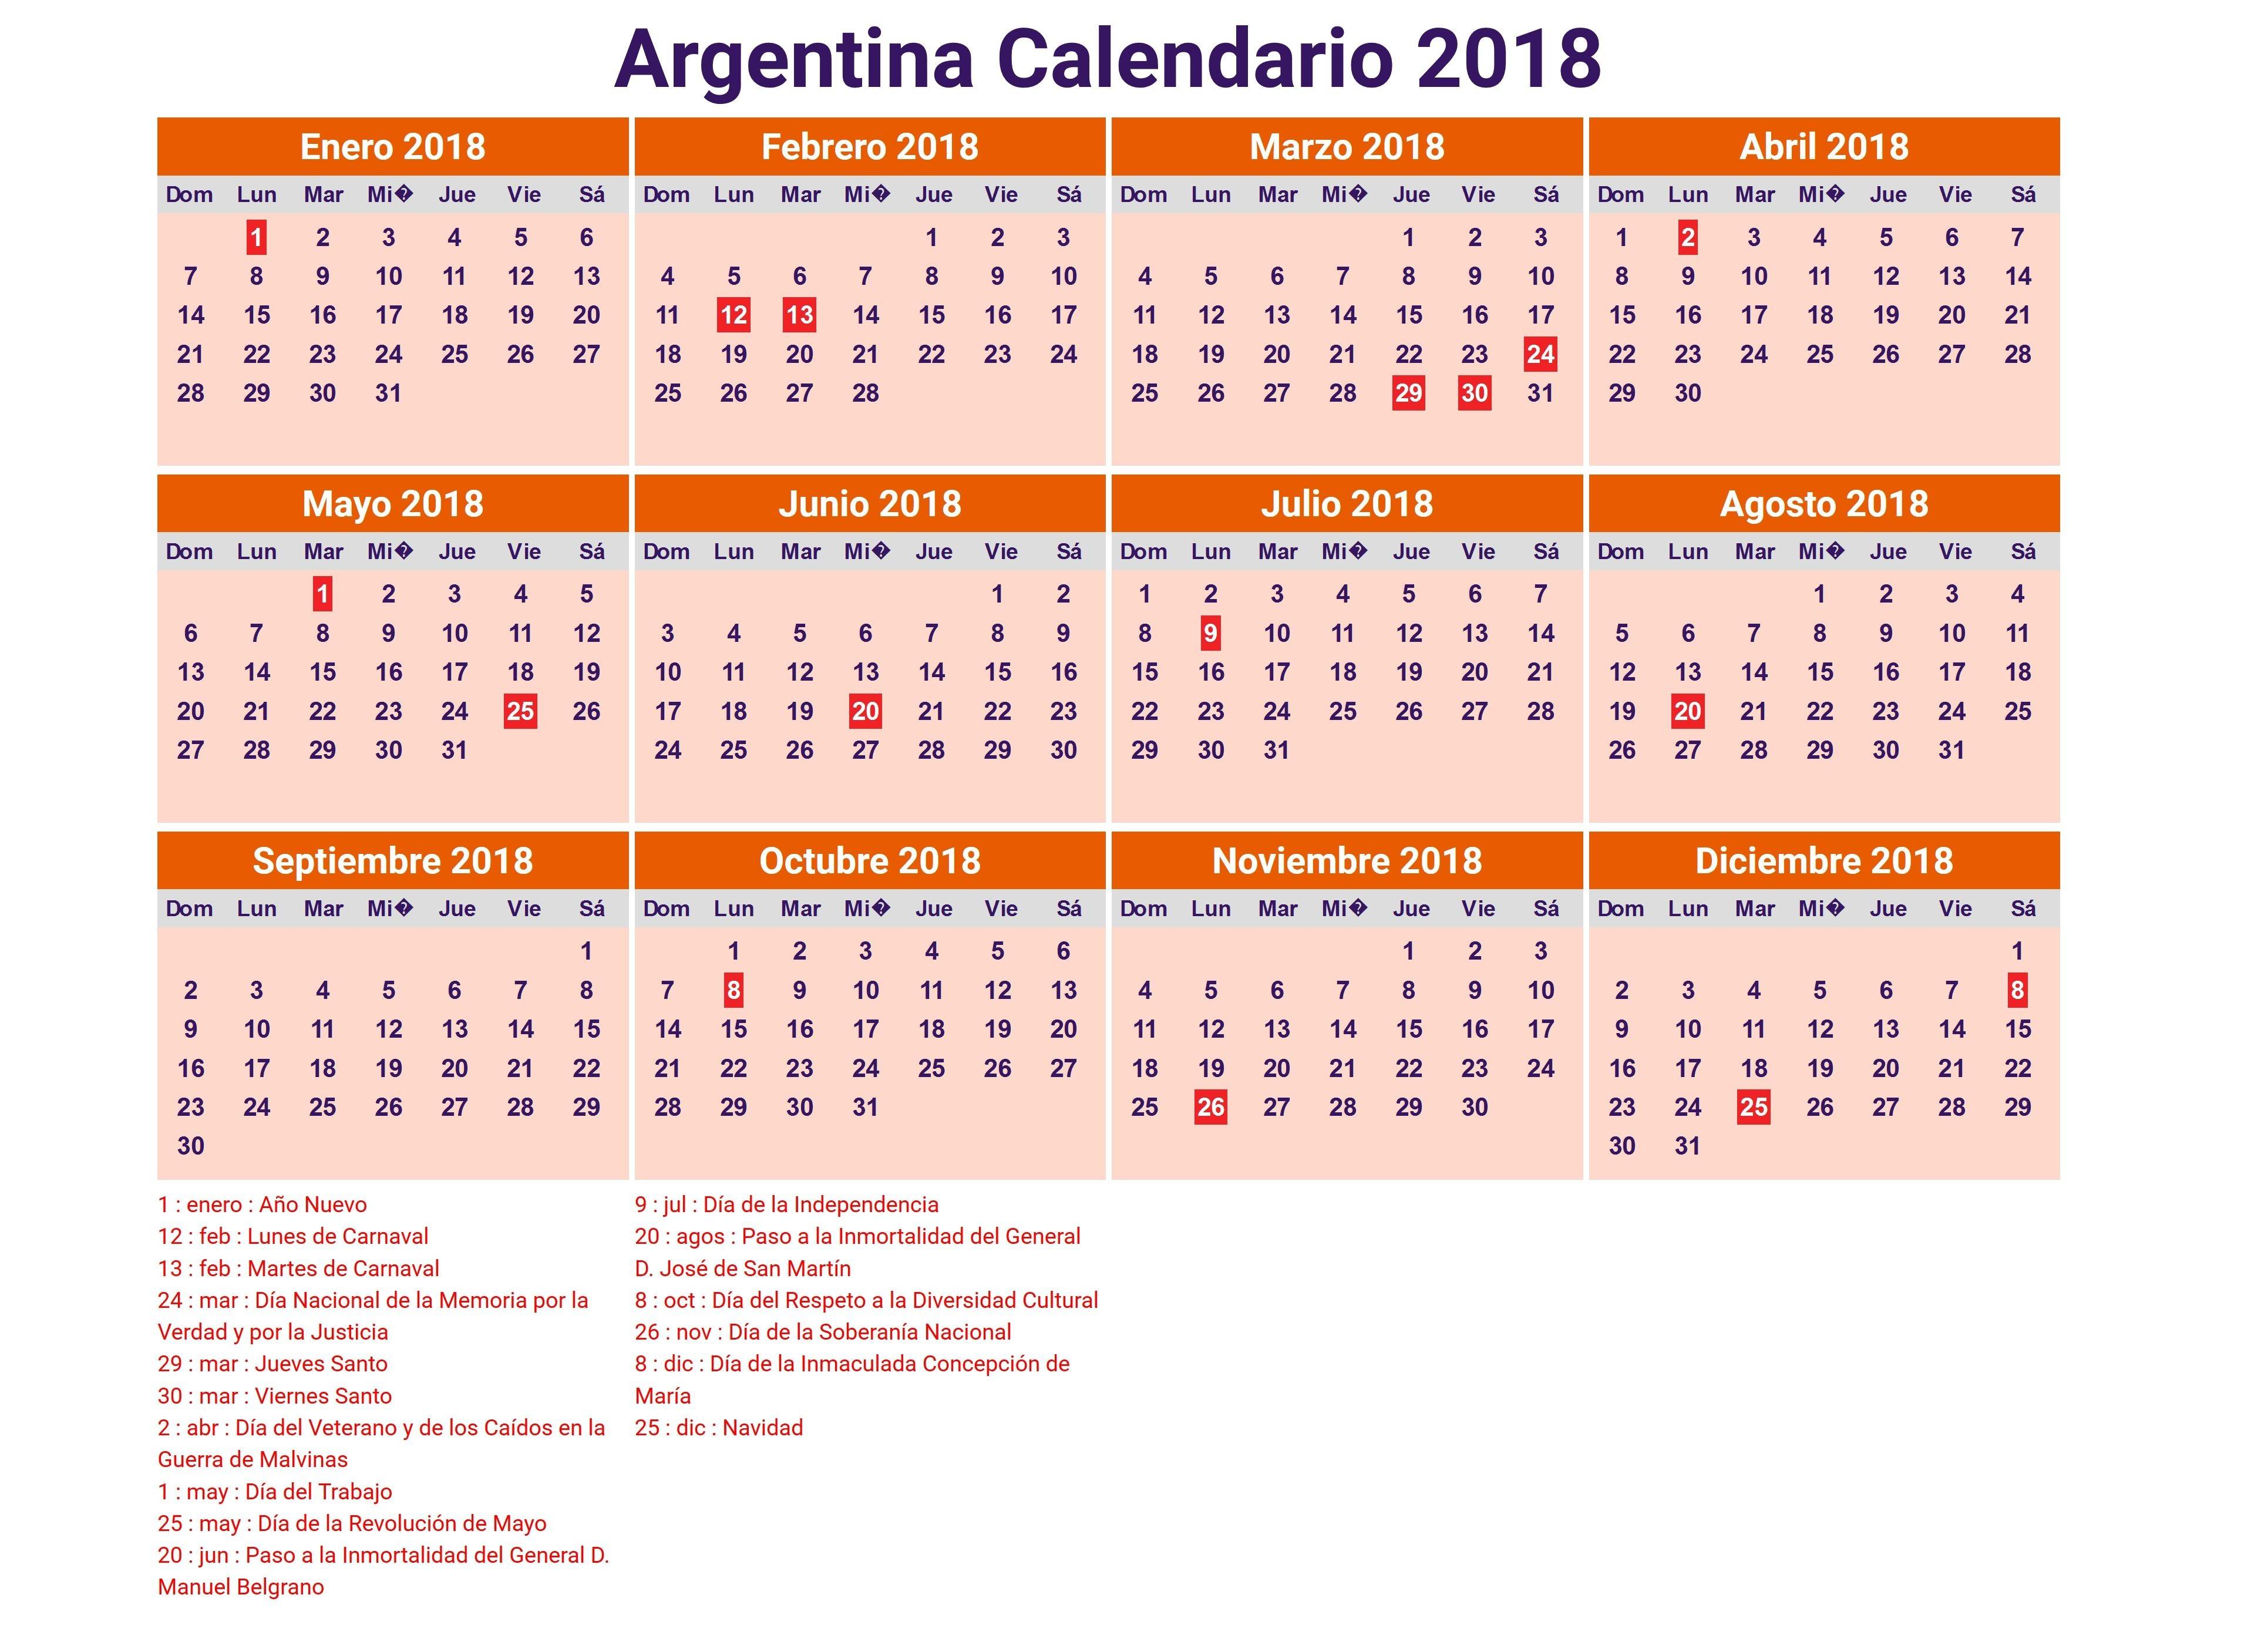 Imprimir Calendario En Word Más Recientemente Liberado Calendario 2018 Para Imprimir Feriados tomburorddiner Of Imprimir Calendario En Word Más Actual Juillet 2018 Calendrier Imprimable Gratuit